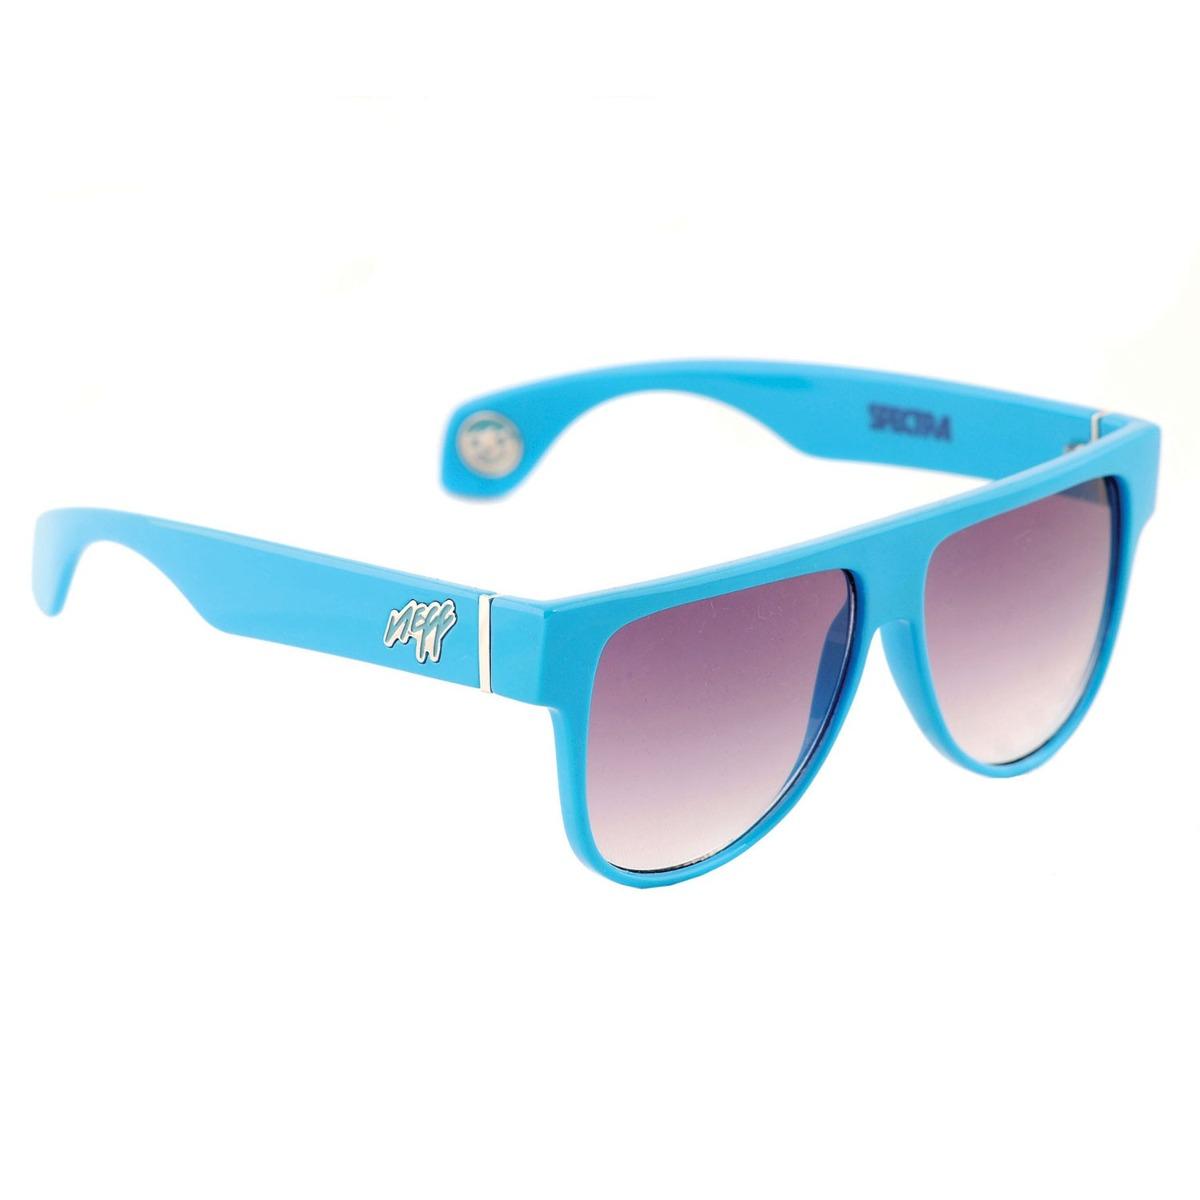 8237d593f4 Gafas Neff Spectra - $ 449.00 en Mercado Libre